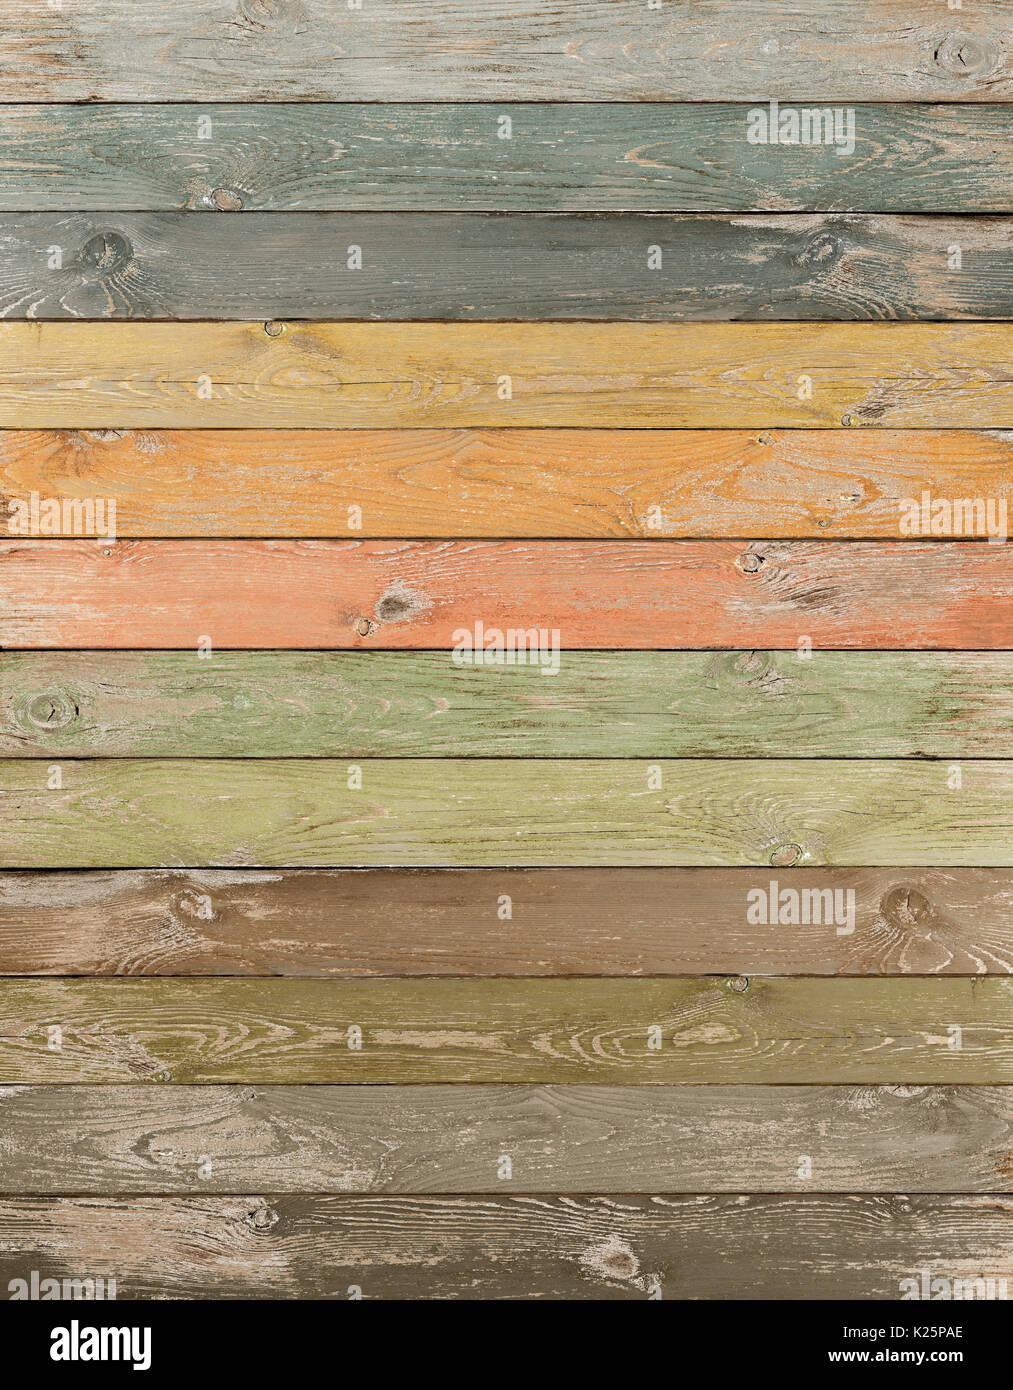 Vintage color wood planks vertical background - Stock Image